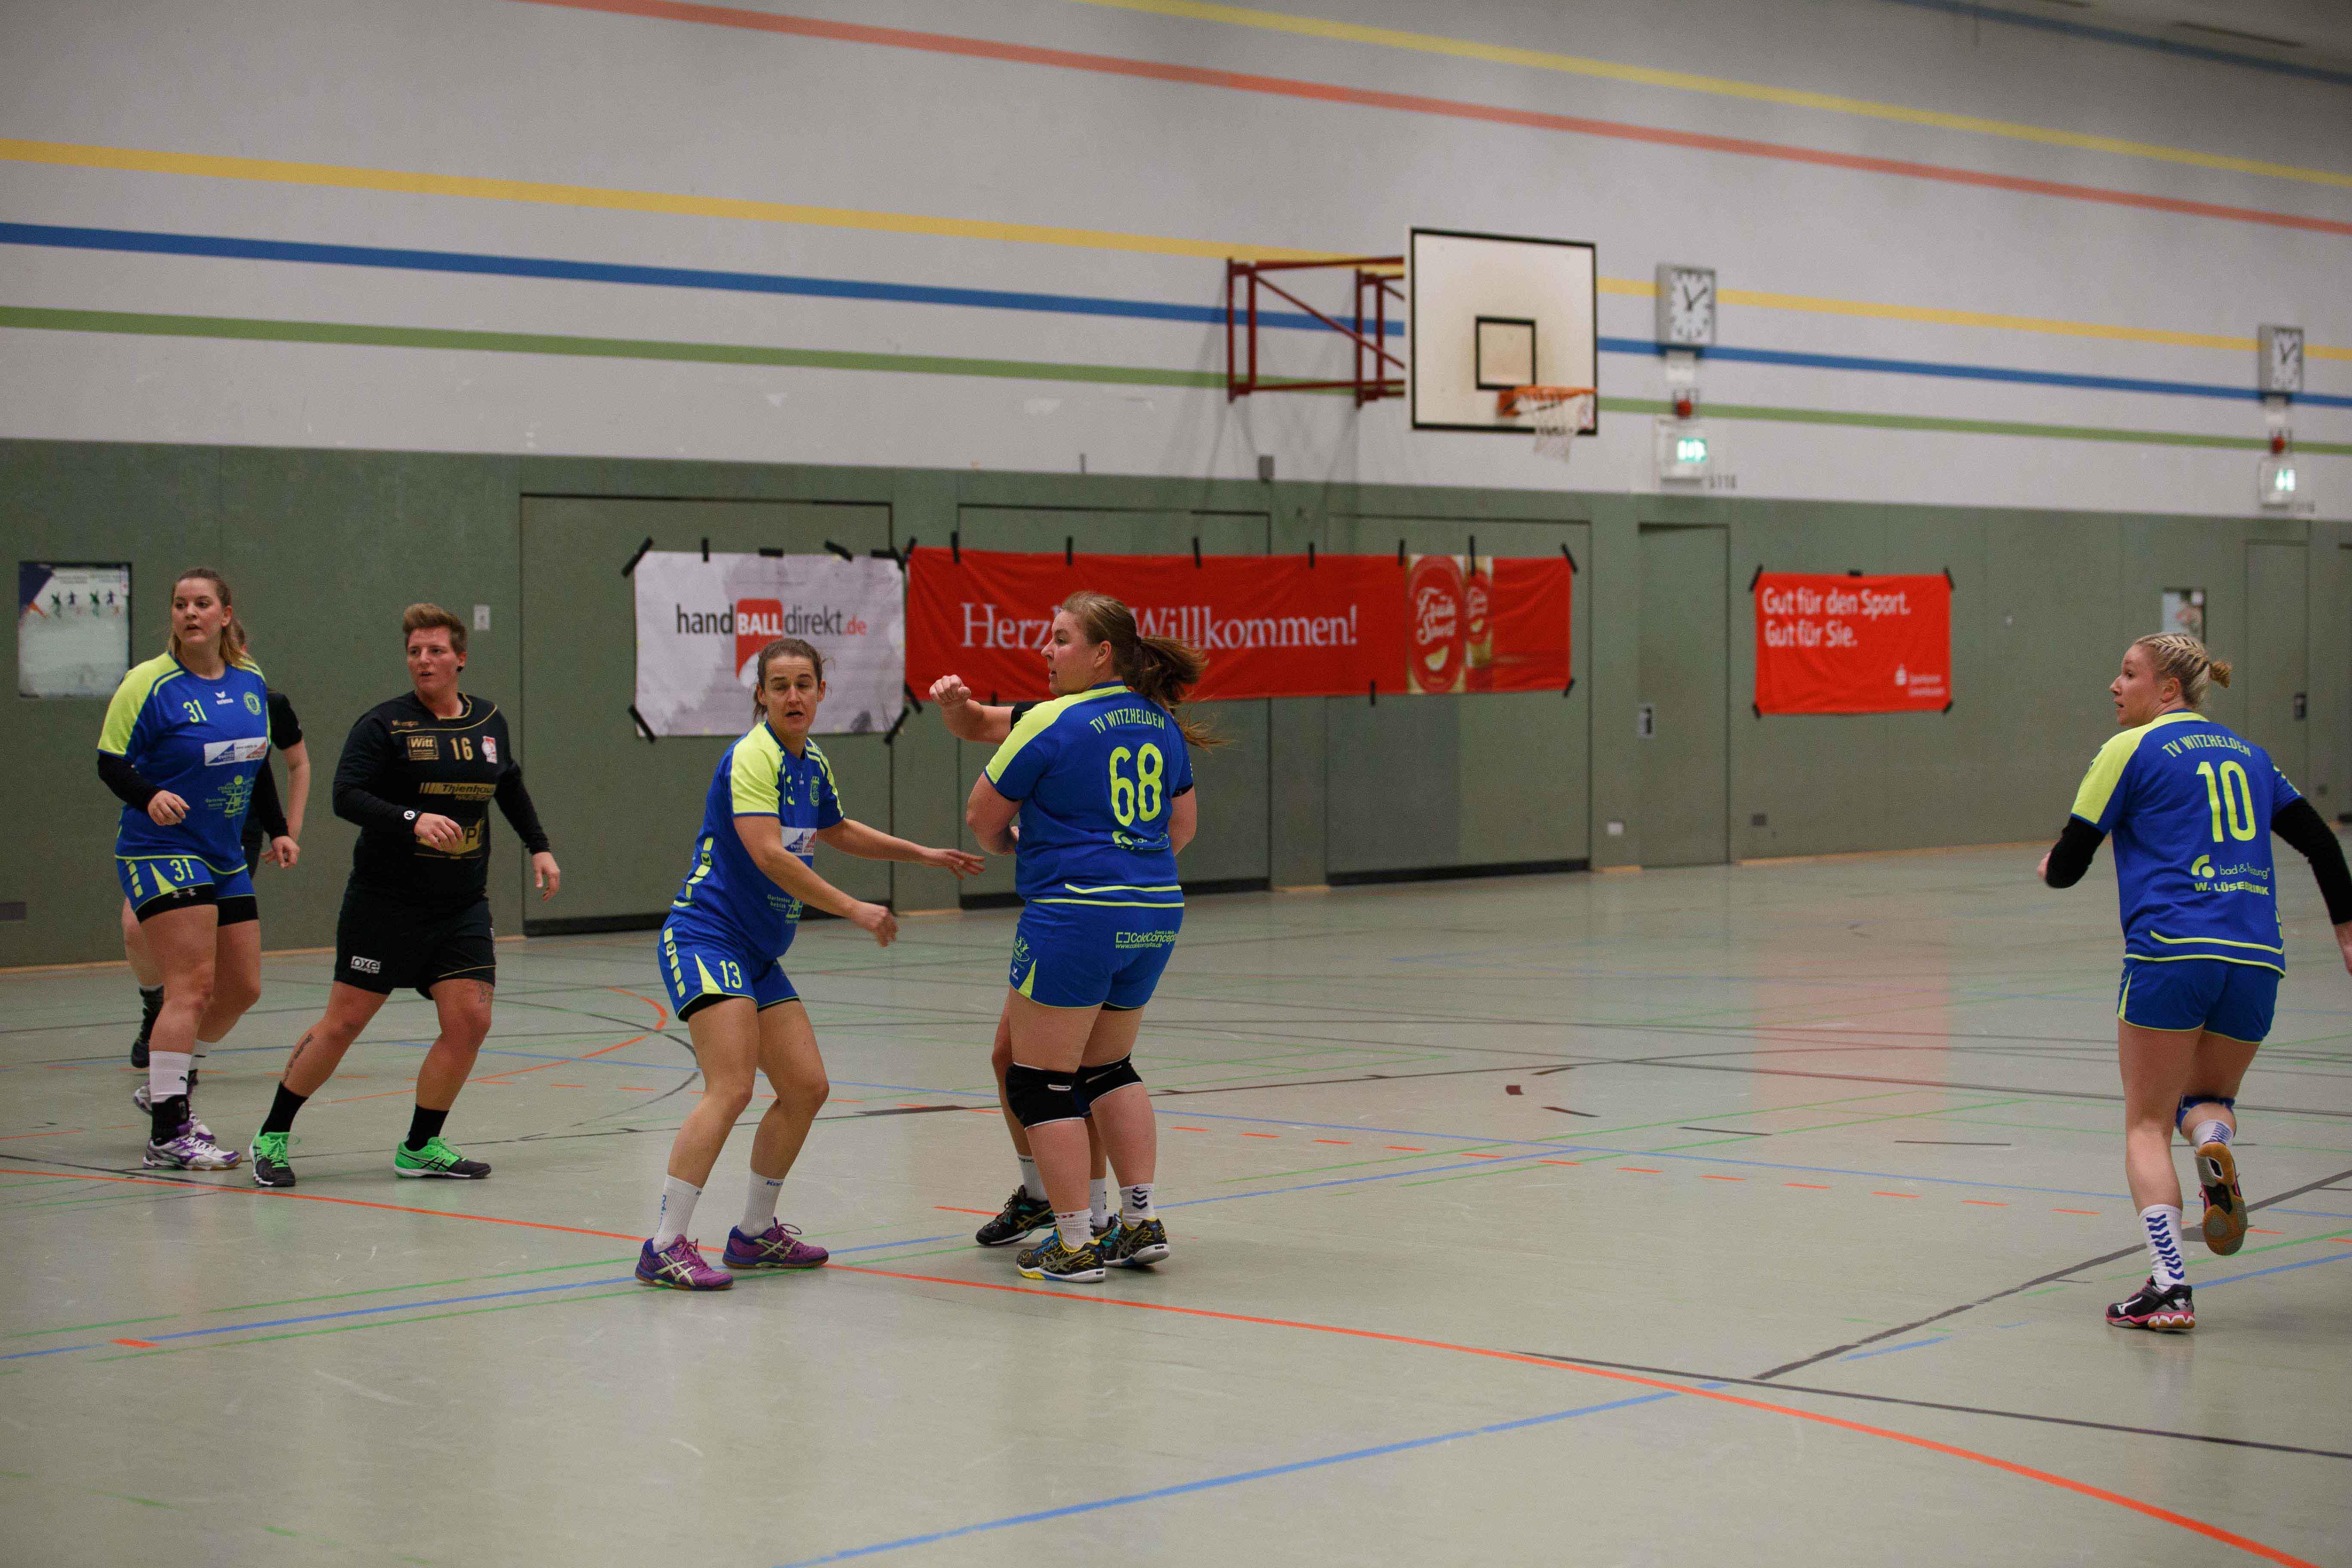 Handball0070